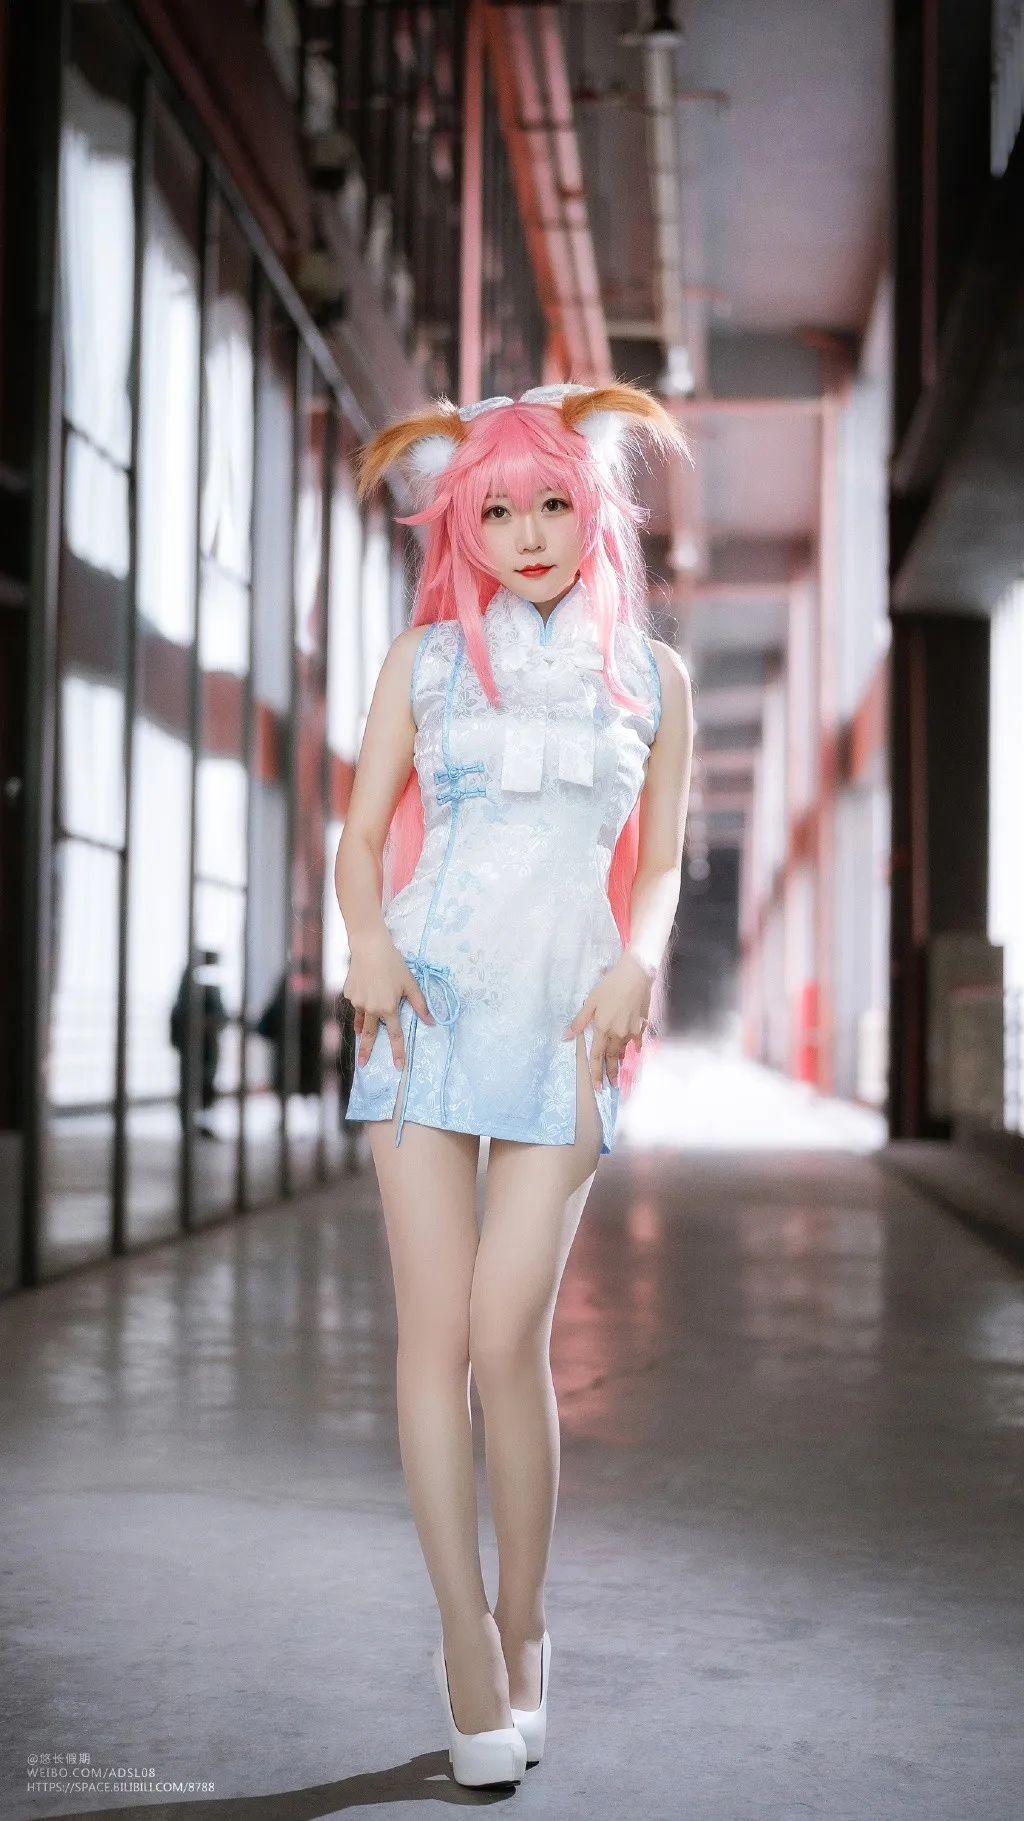 Cos—FGO 玉藻前(@香草喵露露),短款旗袍下这个腿子真是令人迷醉~ - [leimu486.com] No.8